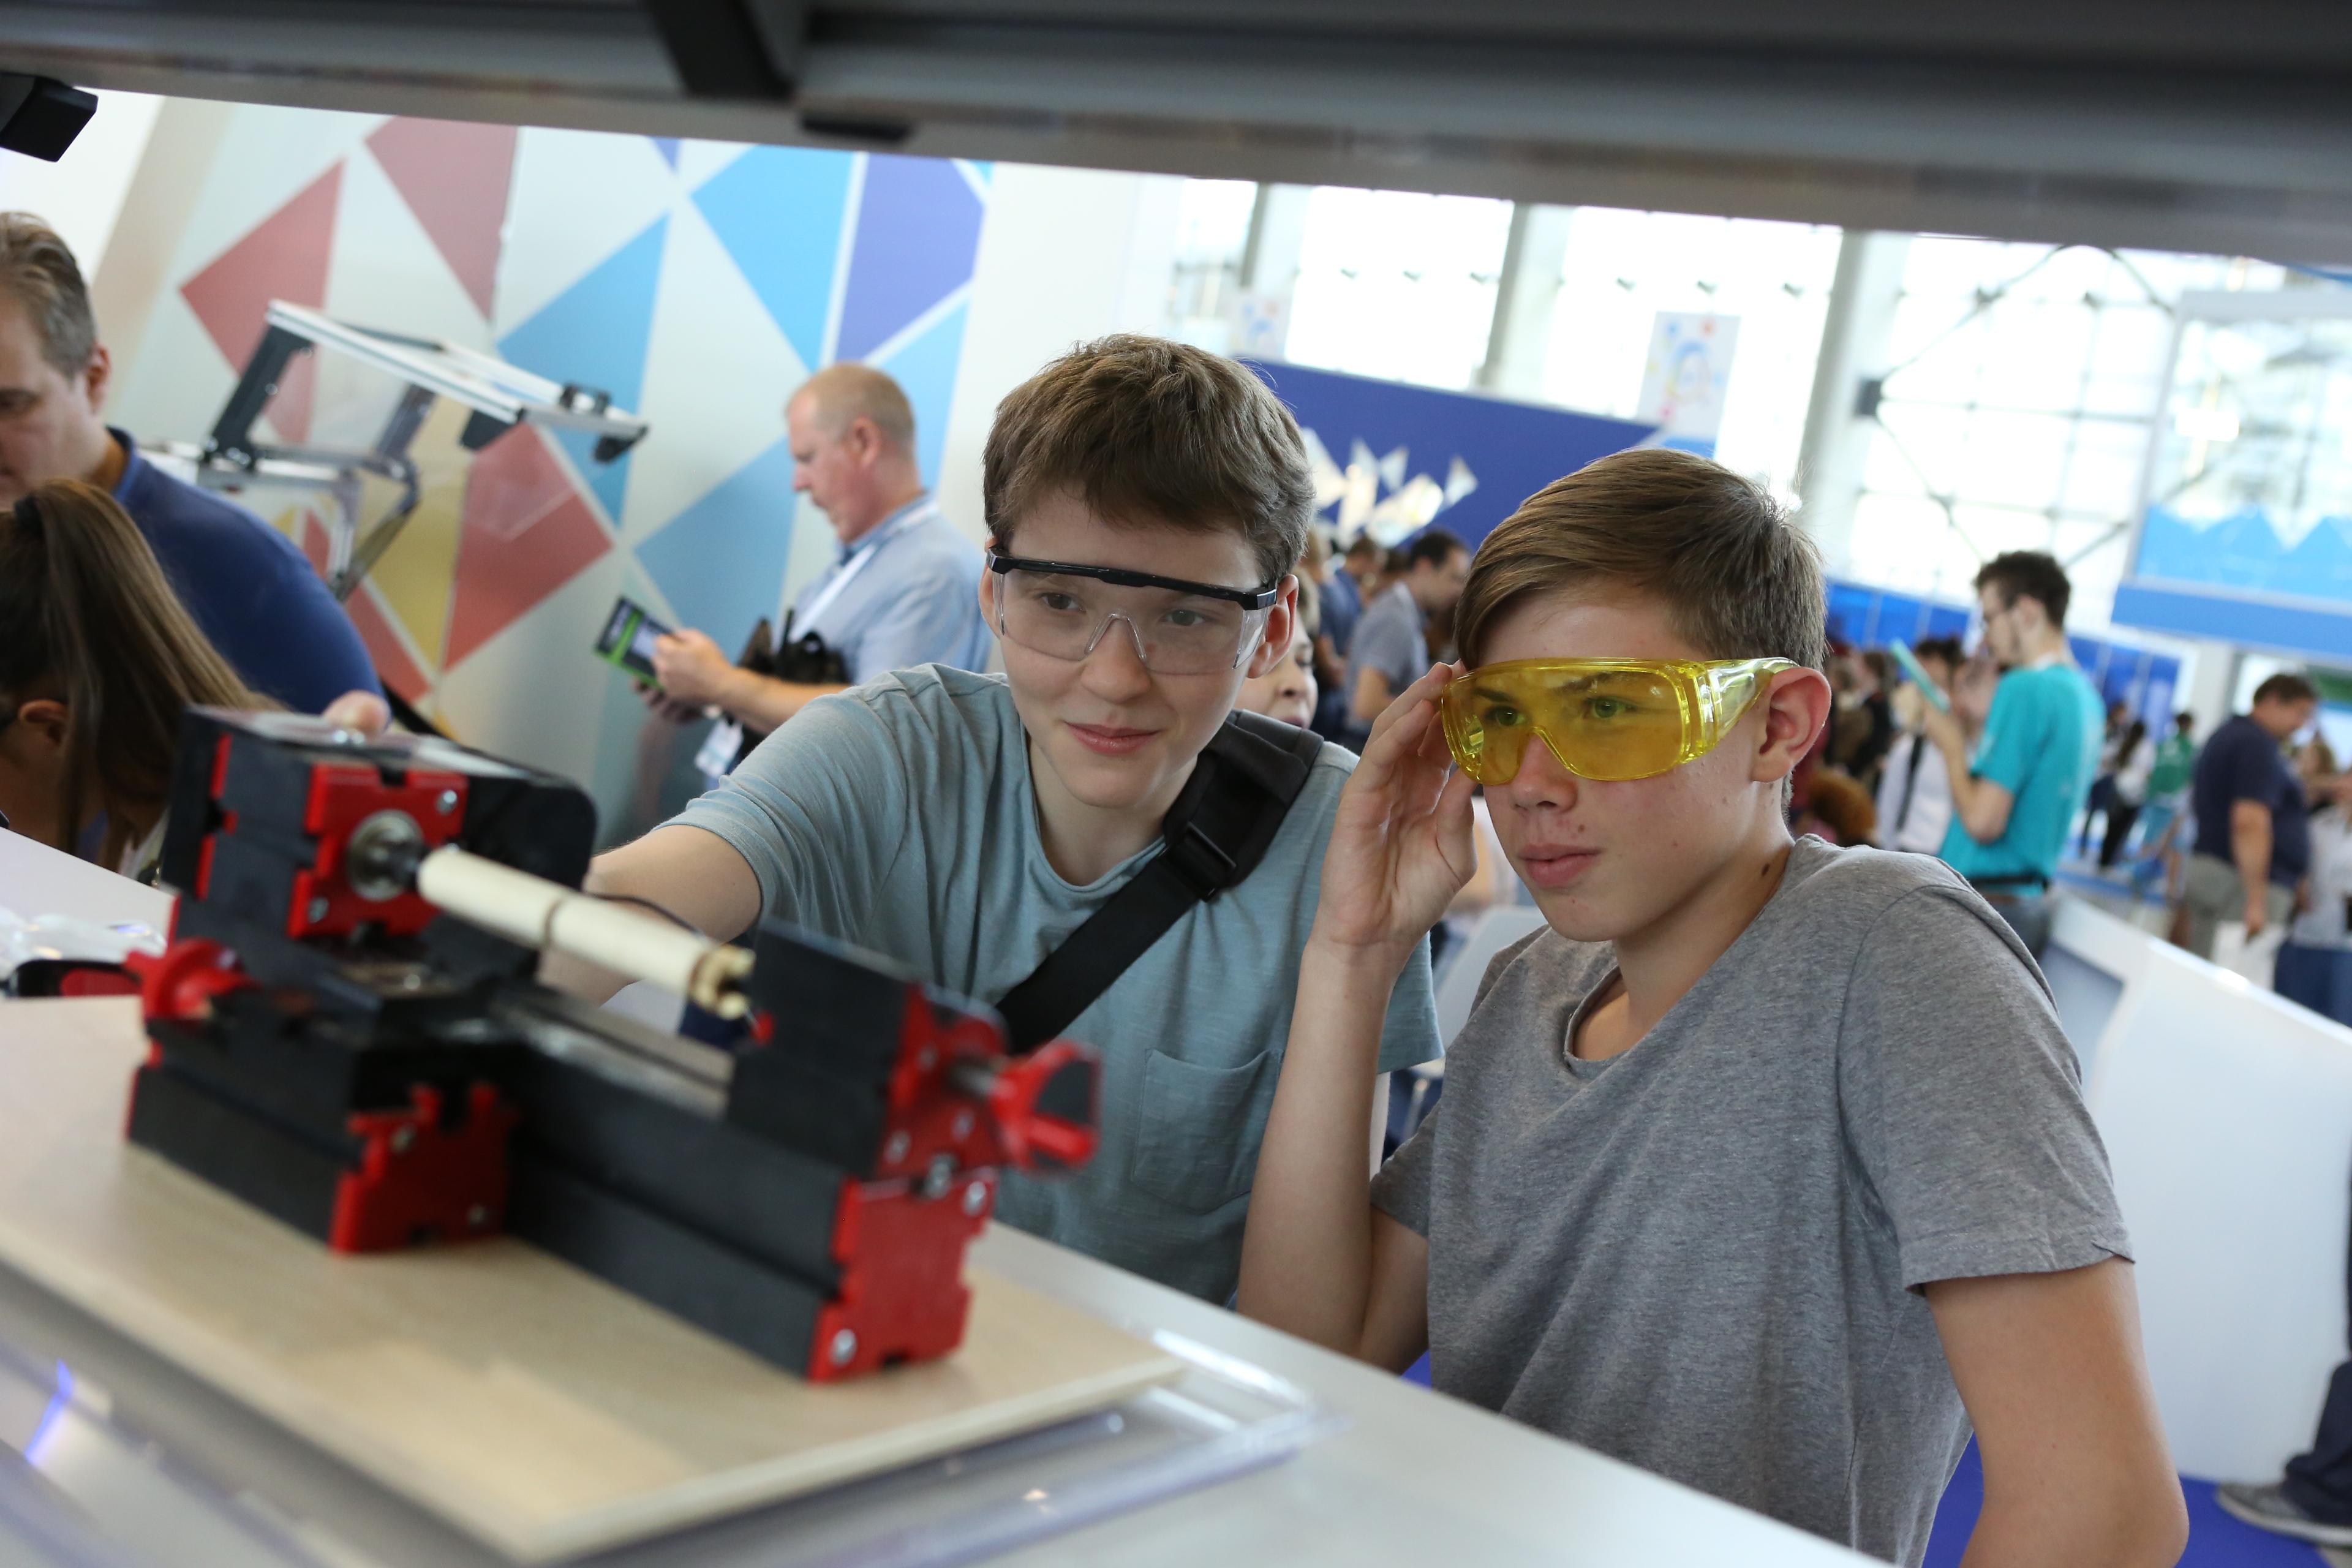 Московские школьники 14-17 лет могут пройти подготовку по 25 направлениям в 14 детских технопарках. Фото: Алексей Орлов